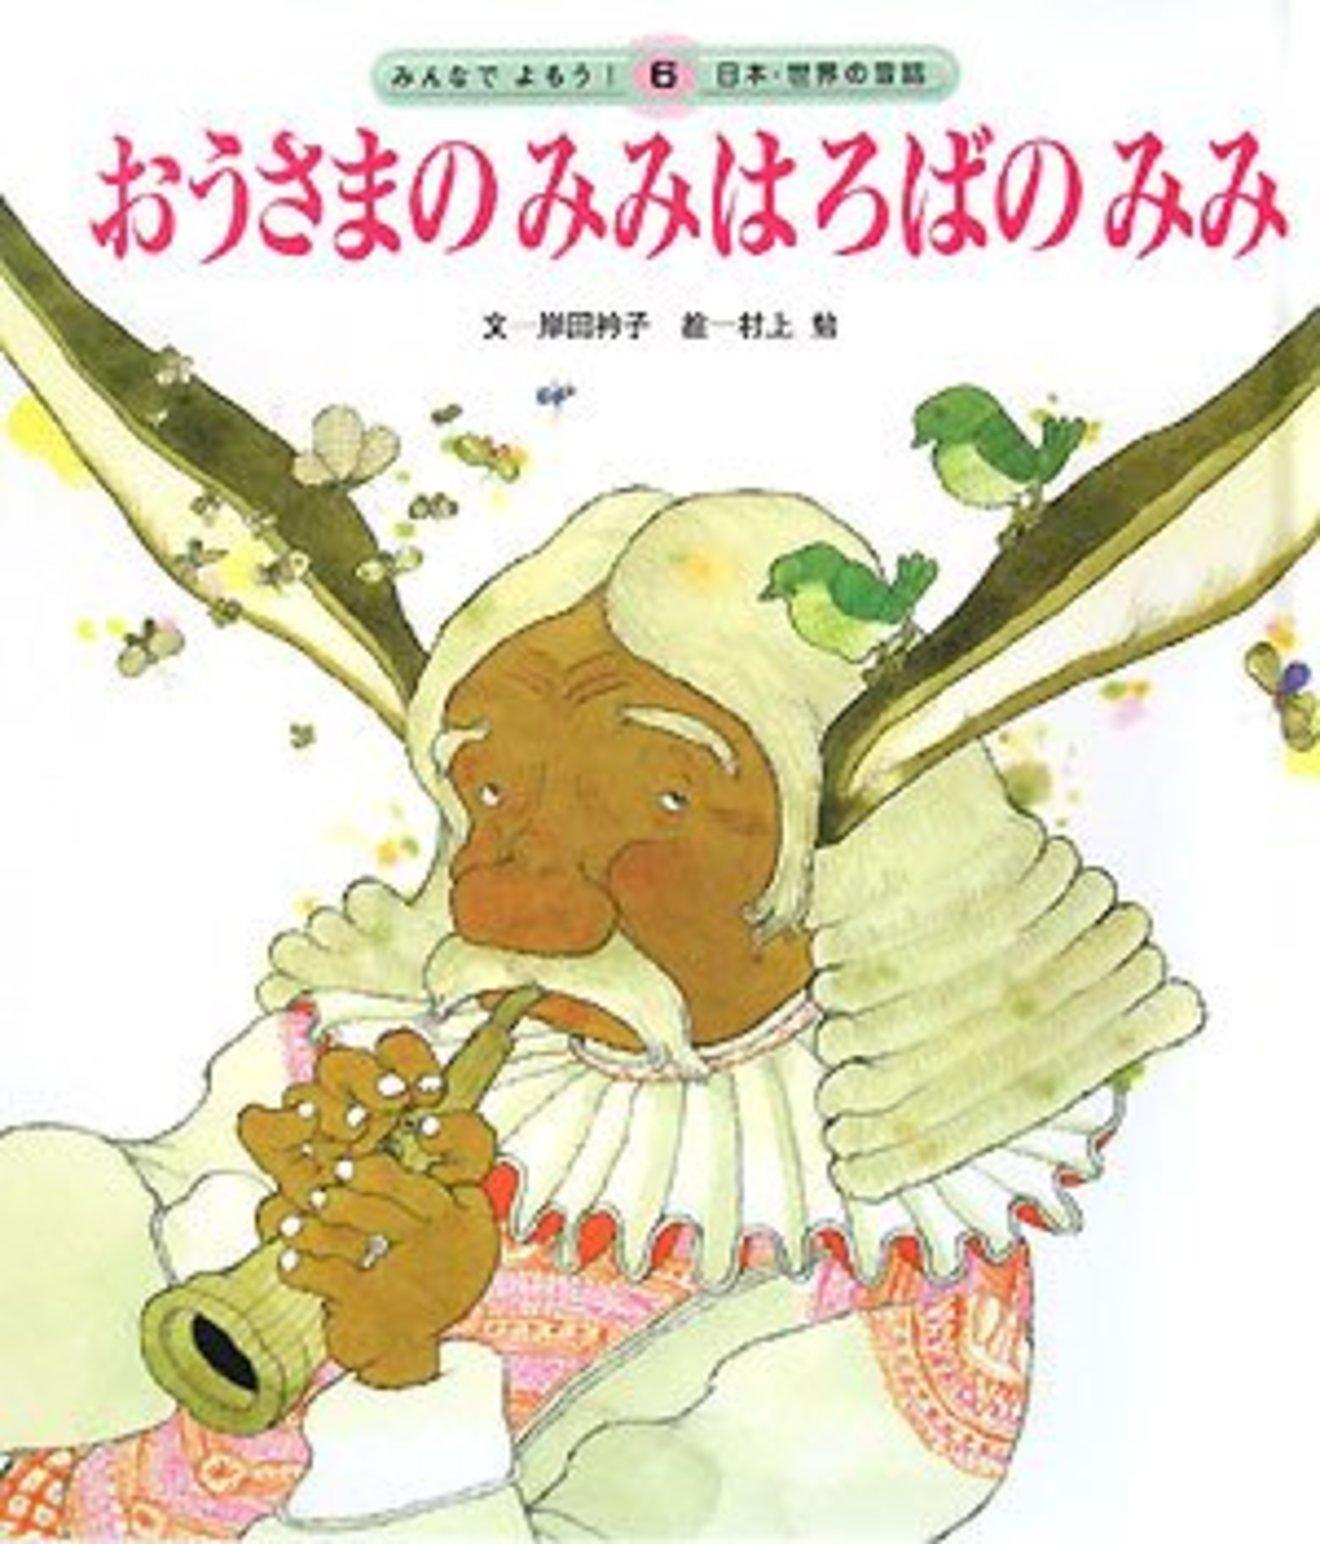 「王さまの耳はロバの耳」のあらすじと結末、教訓を解説!おすすめ絵本も紹介